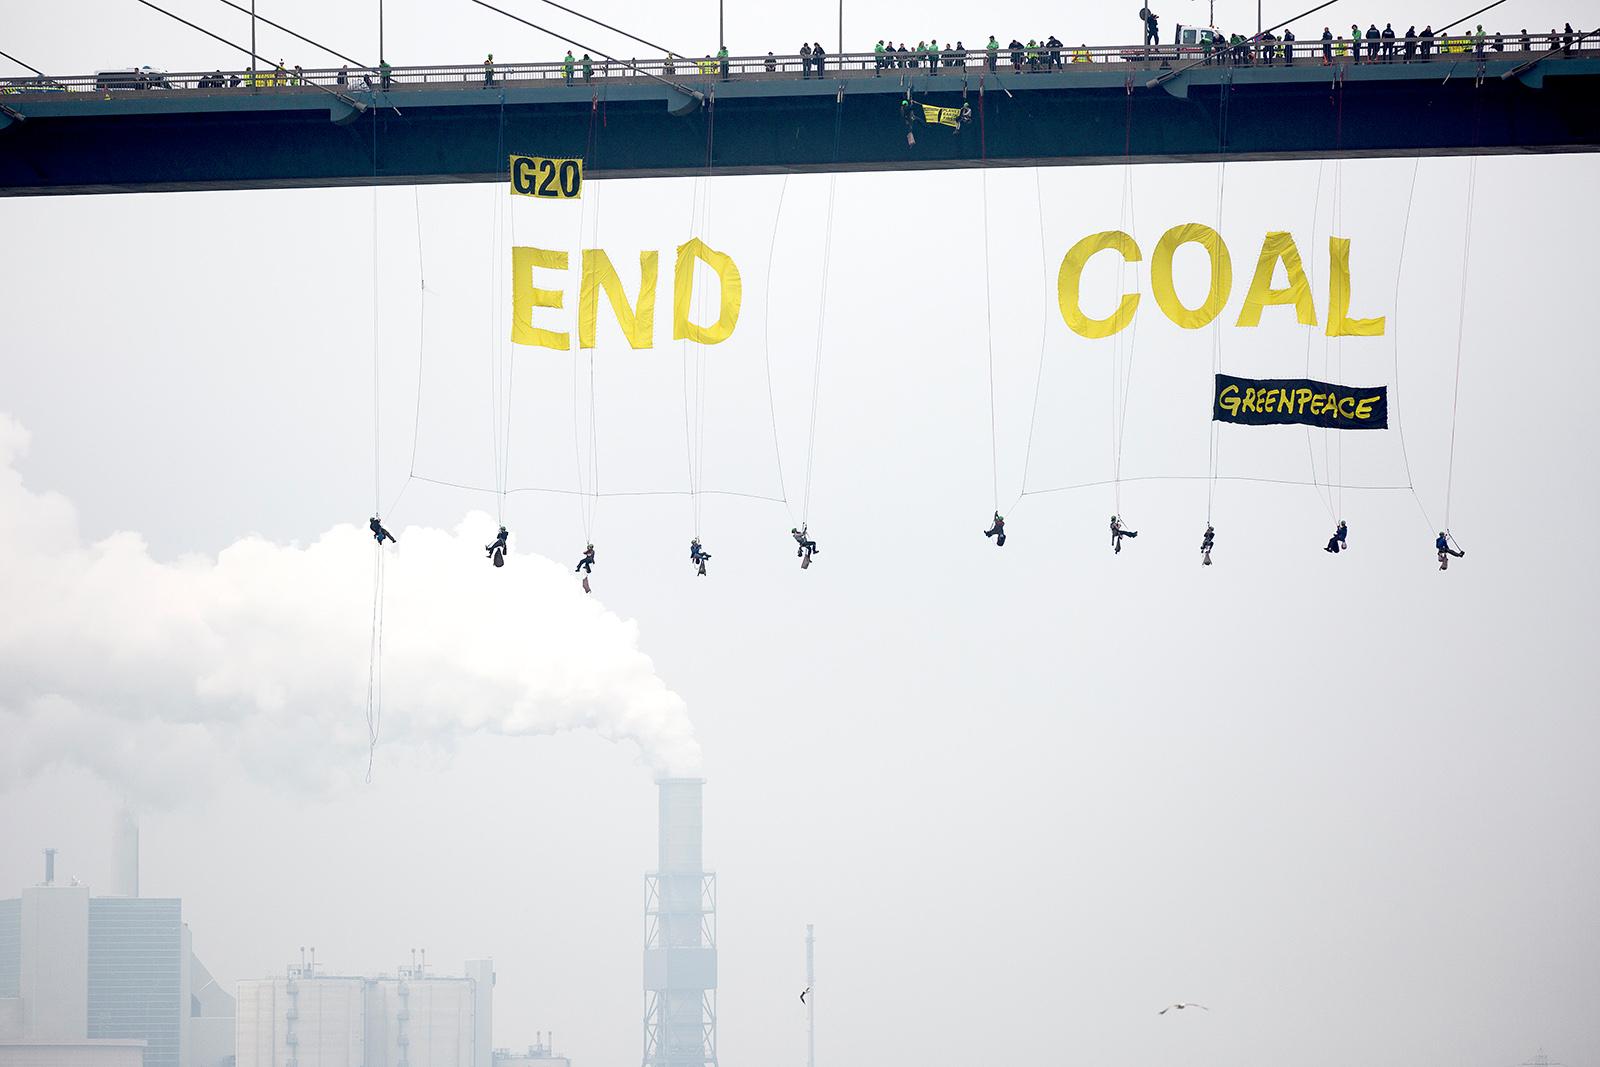 Banner unter der Hamburger Köhlbrandbrücke für einen schnellen Kohleausstieg der G20-Staaten. 2017